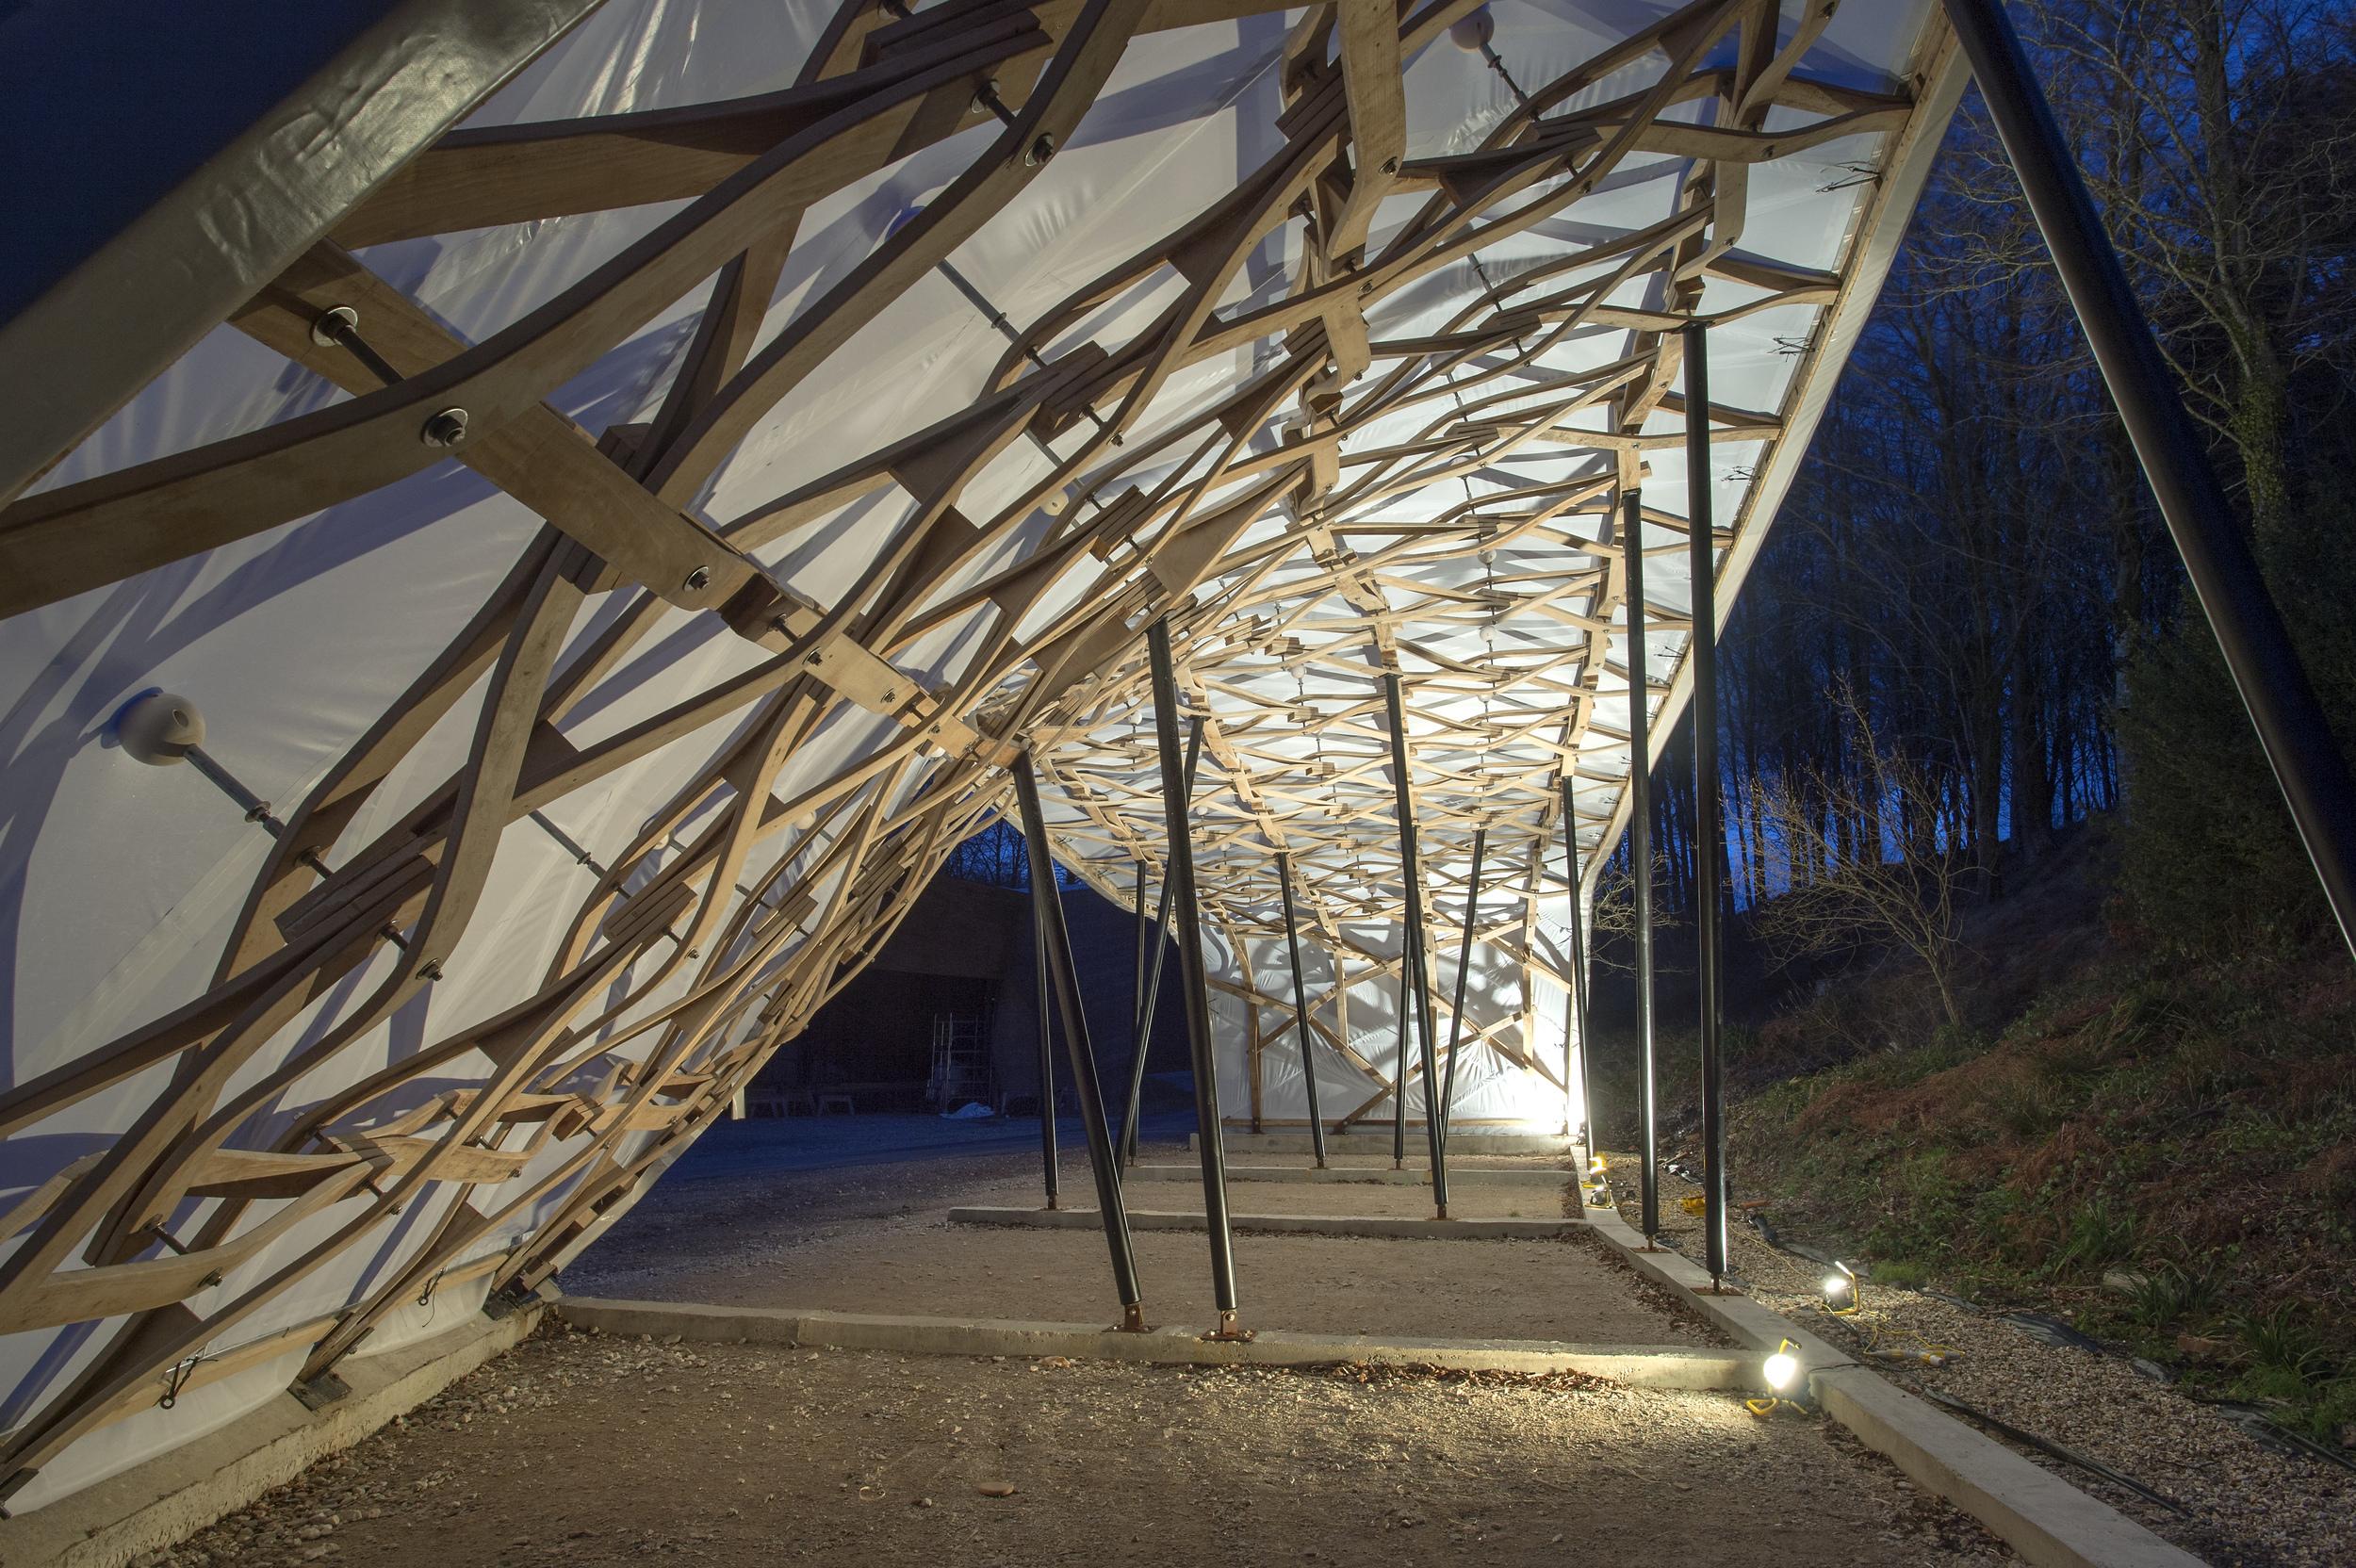 Hooke_Park_Design_&_Make_Timber_Seasoning_Shelter_©Valerie_Bennett_2014_02_22_0087.jpg